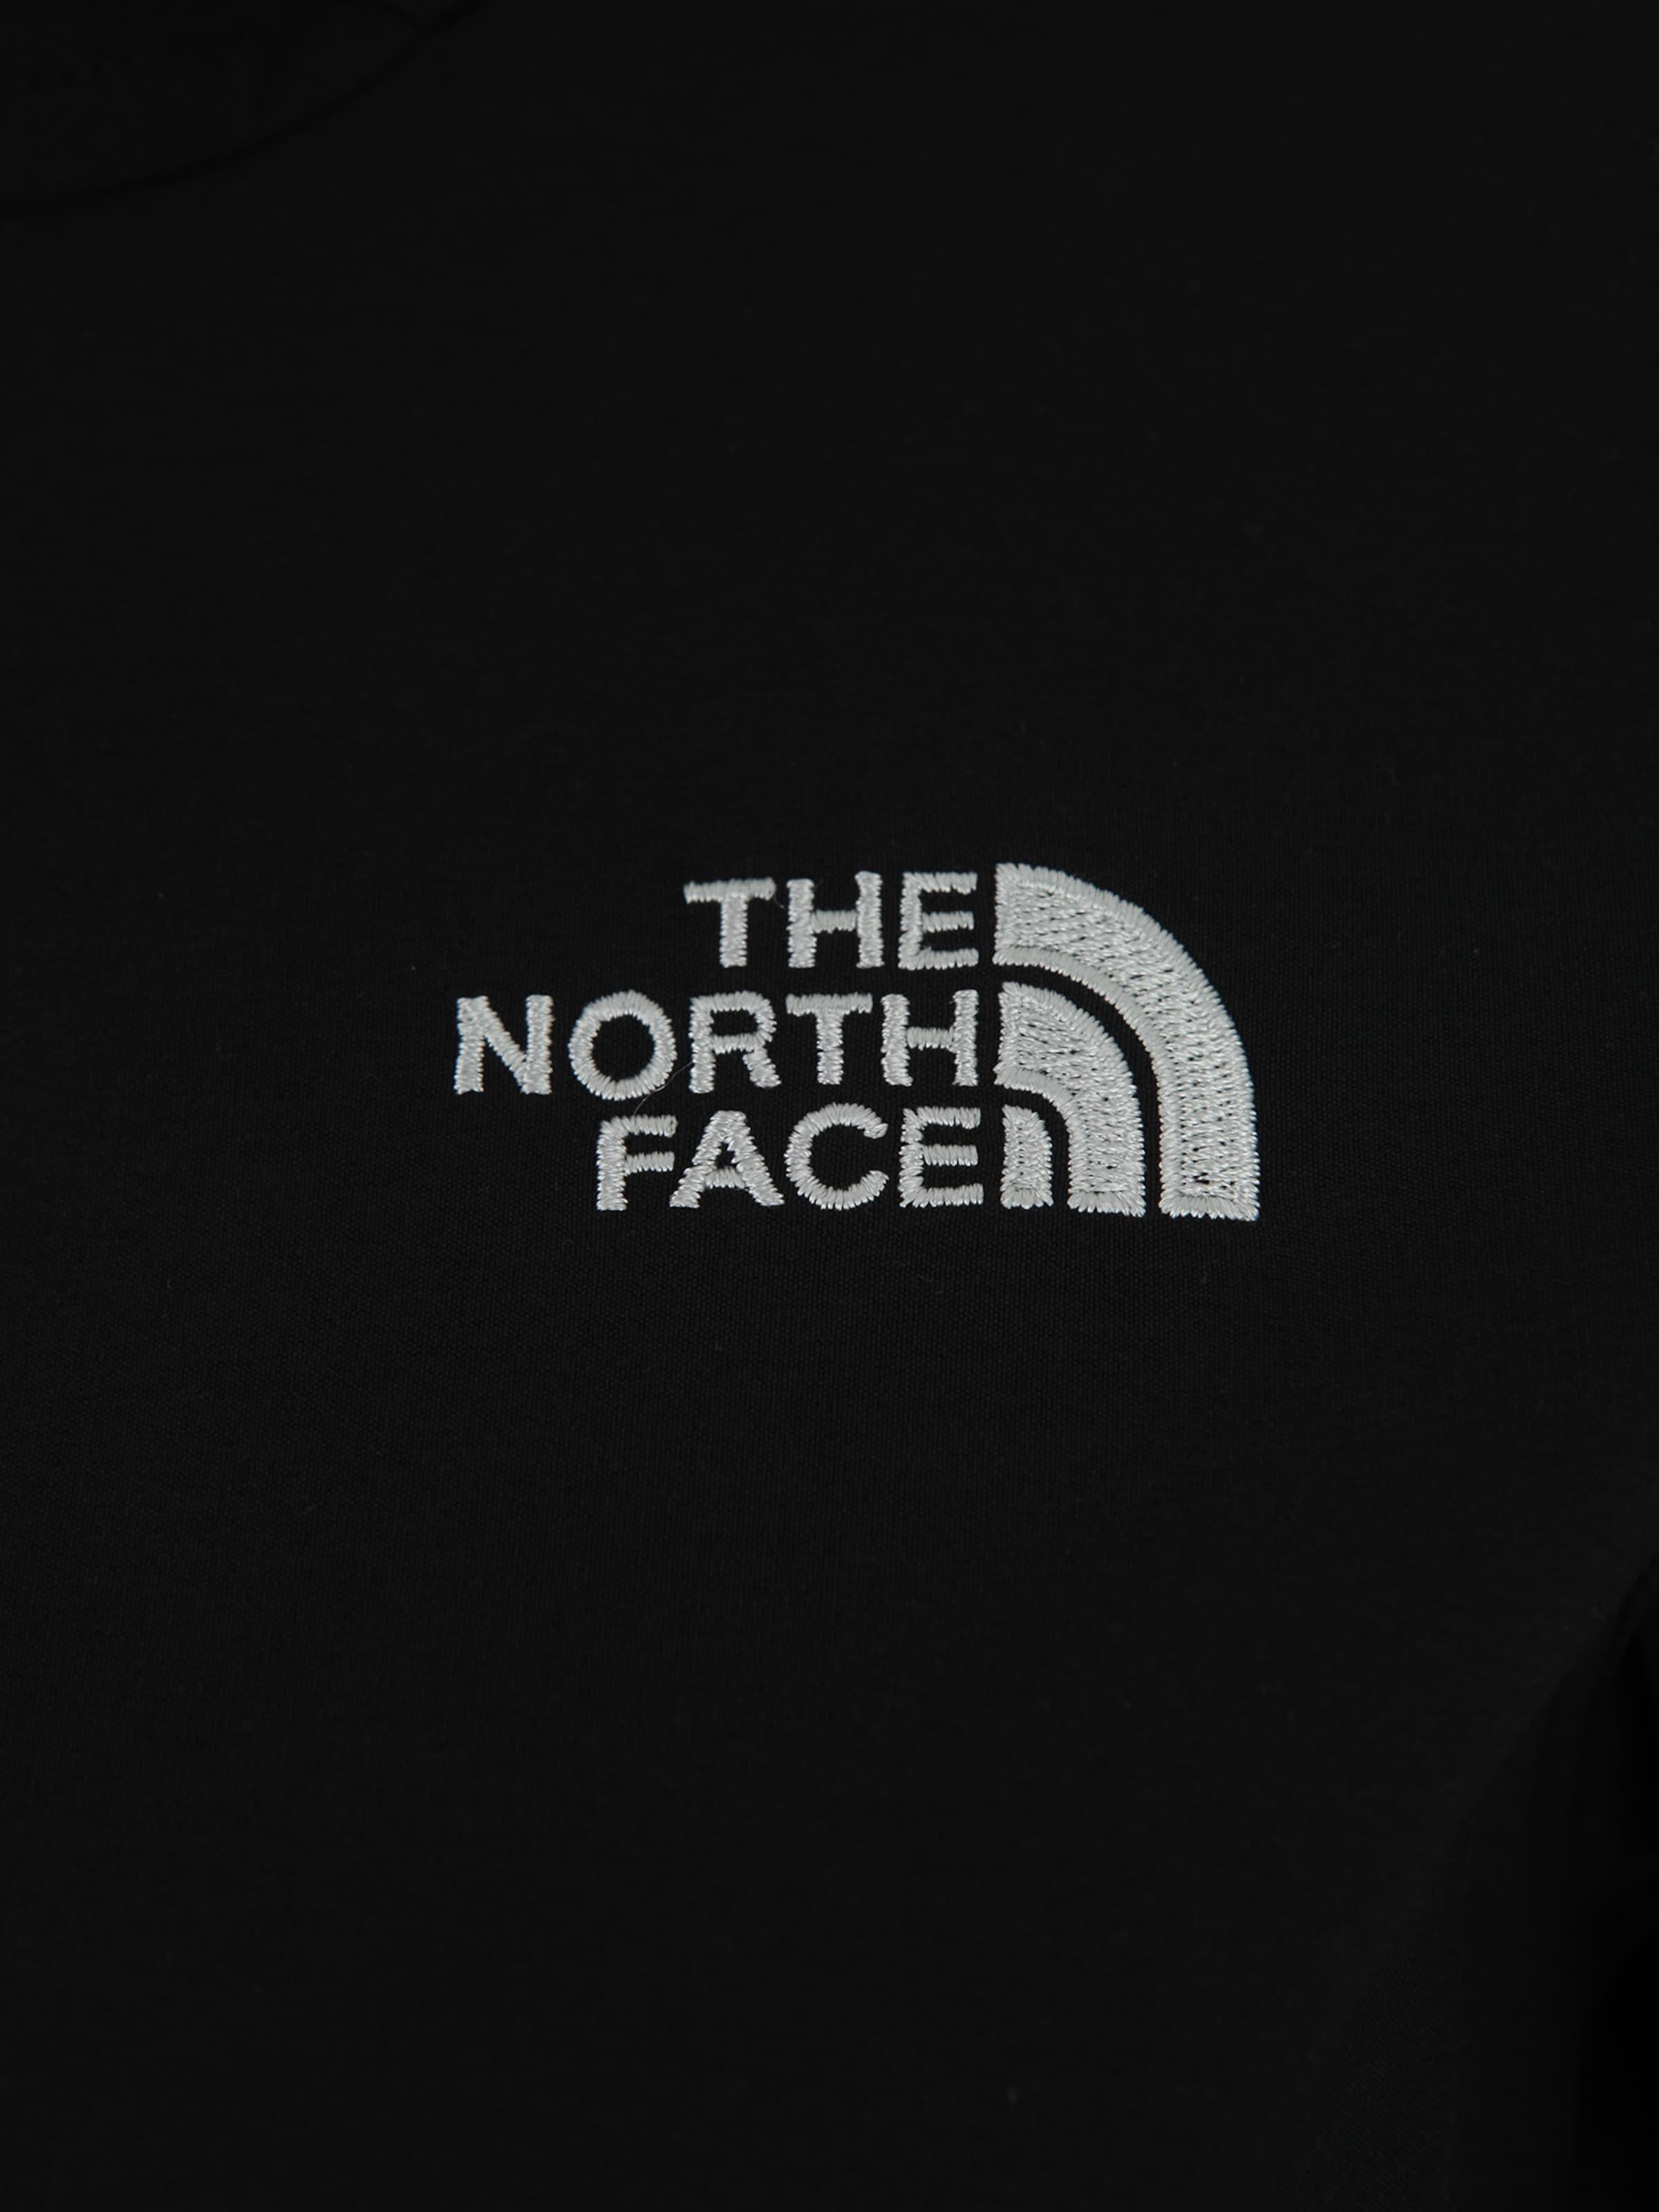 Spielraum Neue Stile THE NORTH FACE Funktions-Windjacke 'Nimble' Verkauf Großer Diskont Zahlen Mit Paypal Günstig Online Billig Ausverkauf hEedw